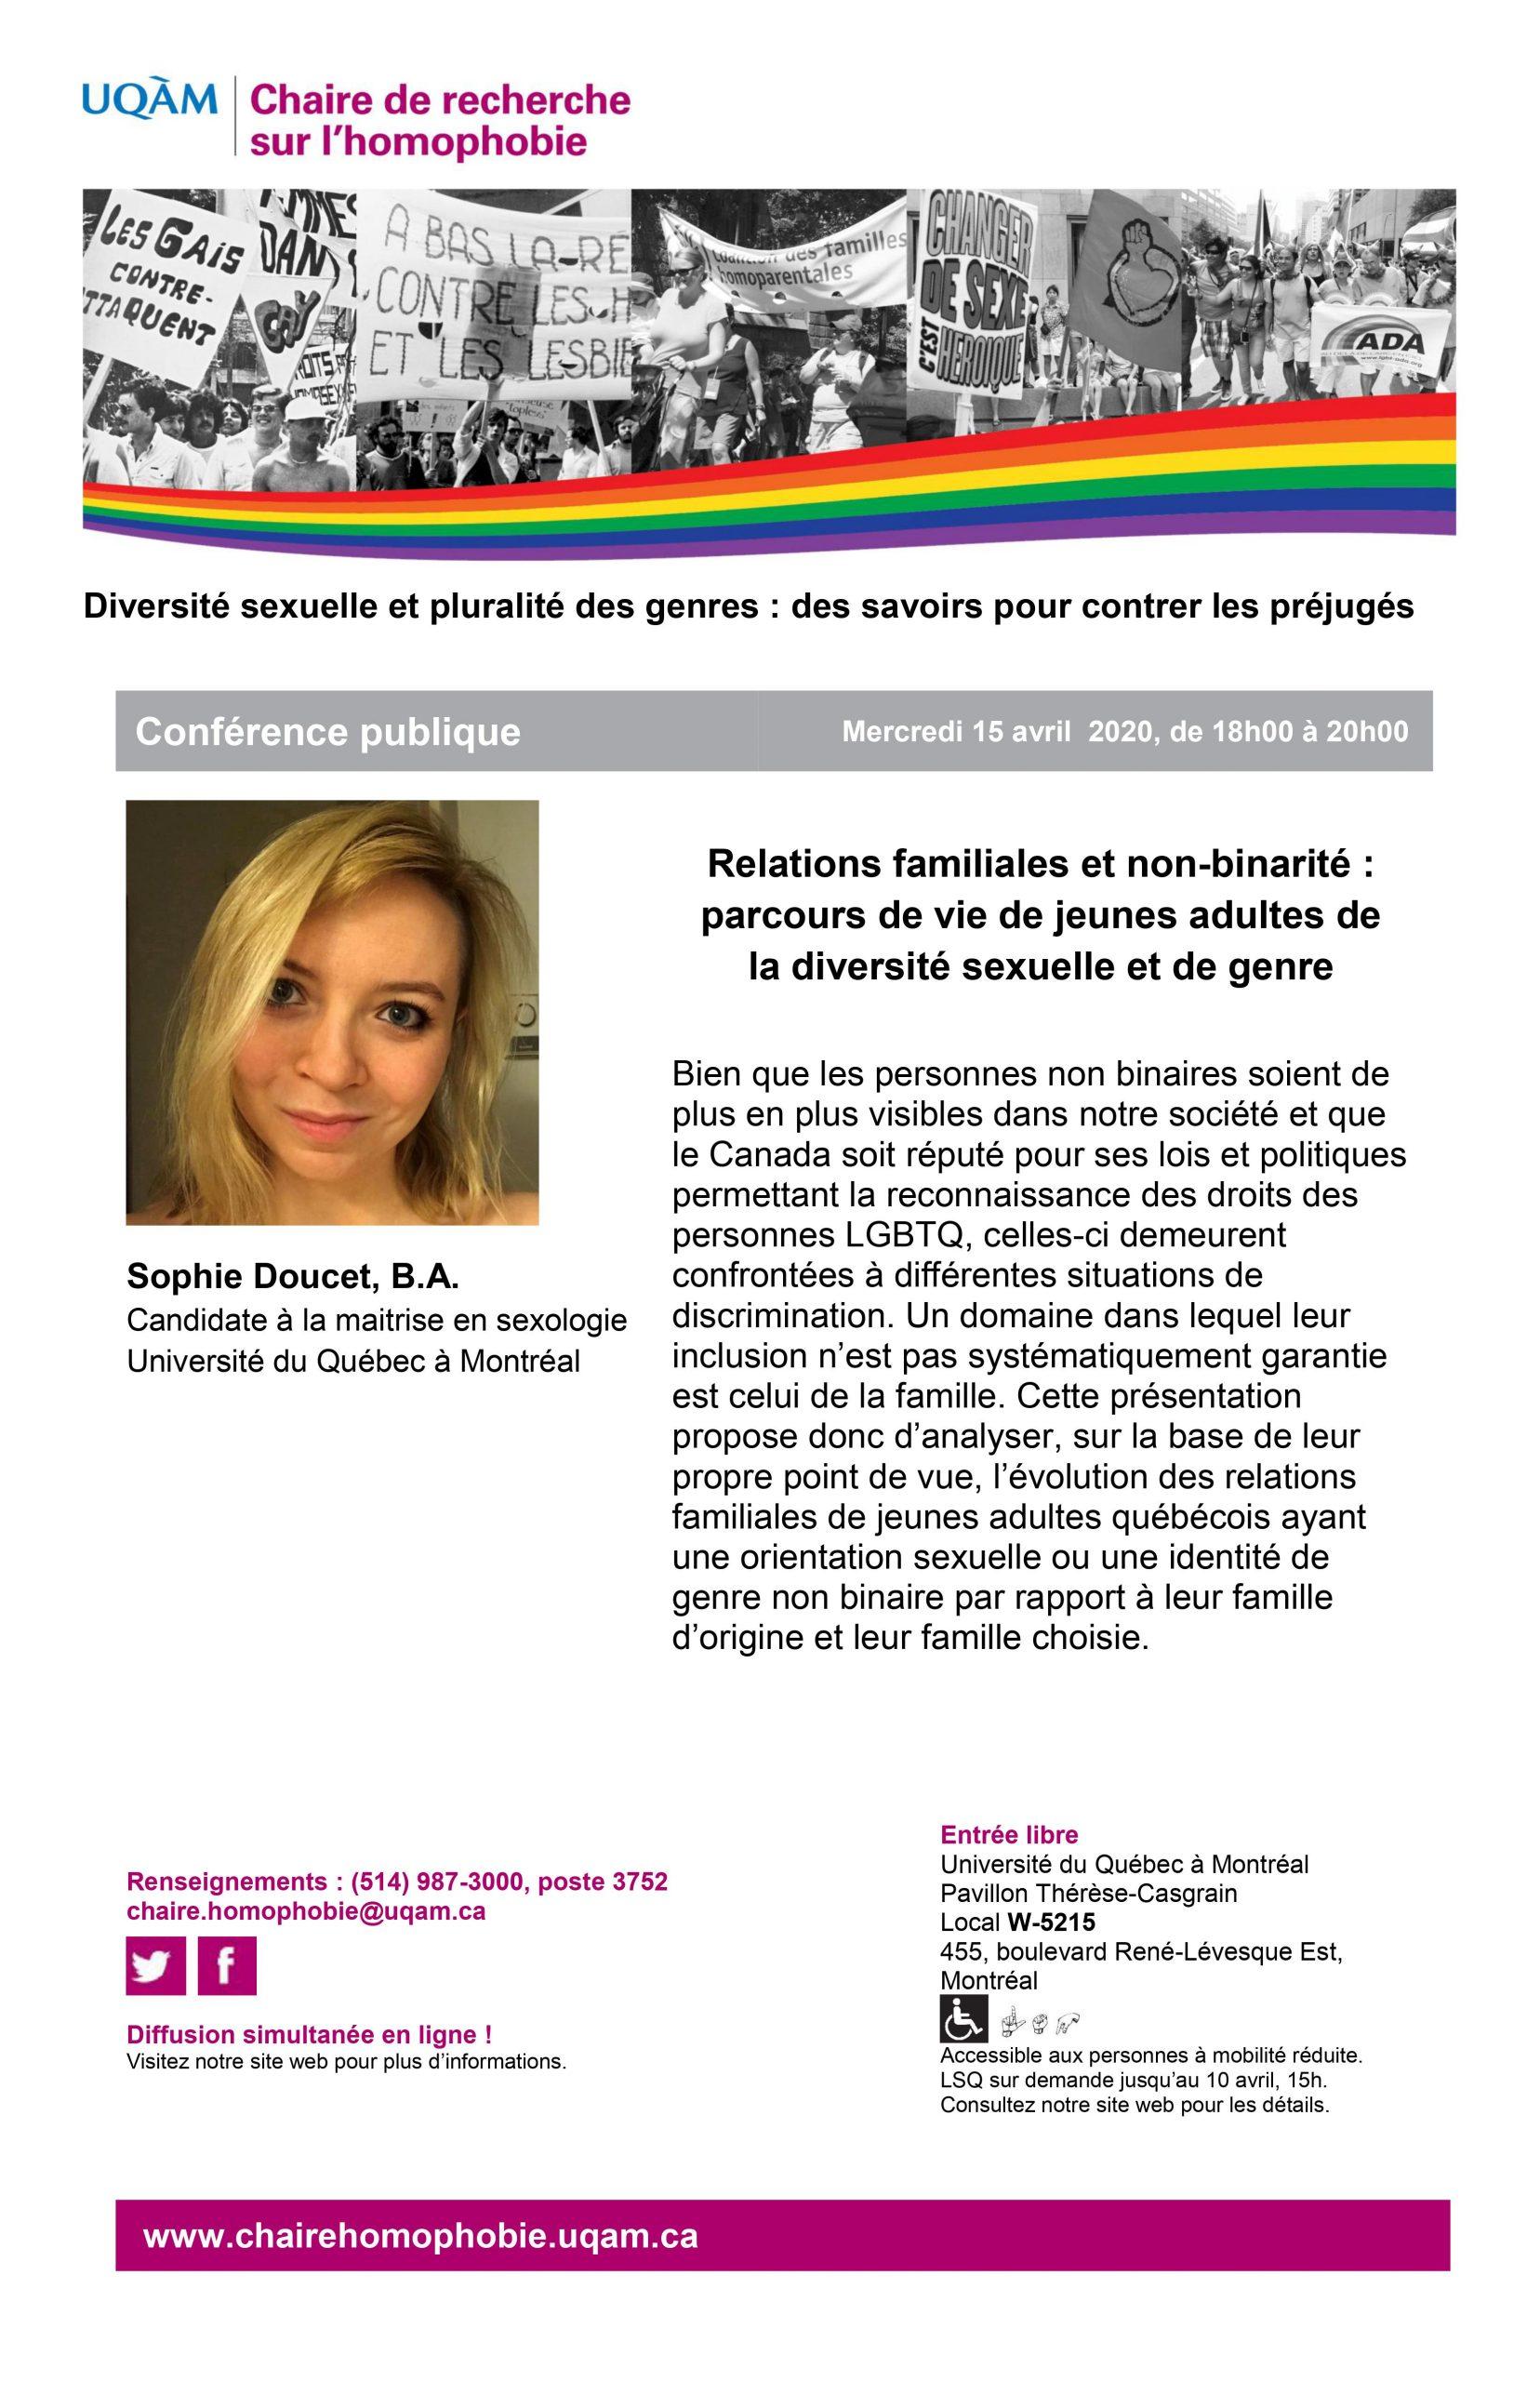 REPORTÉE CONFÉRENCE PUBLIQUE | Relations familiales et non-binarité : parcours de vie de jeunes adultes de la diversité sexuelle et de genre